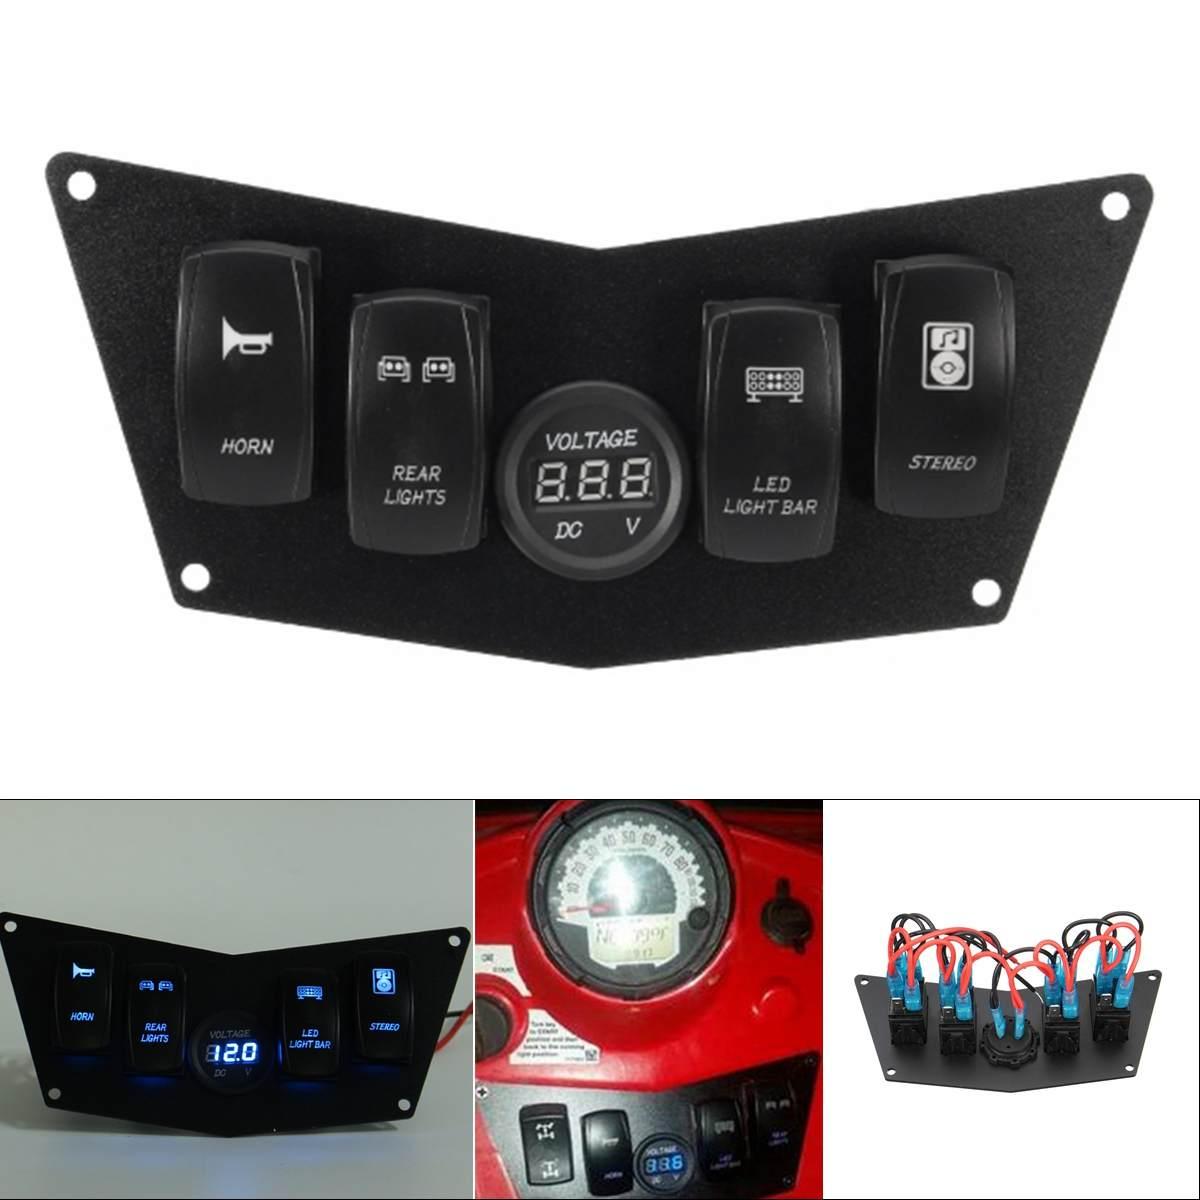 Nouveau 12-24 V avant 4 interrupteur à bascule numérique Volt tableau de bord pour Polaris Ranger RZR 800 S 900XP XP900 570 2008-2014 ATV UTV